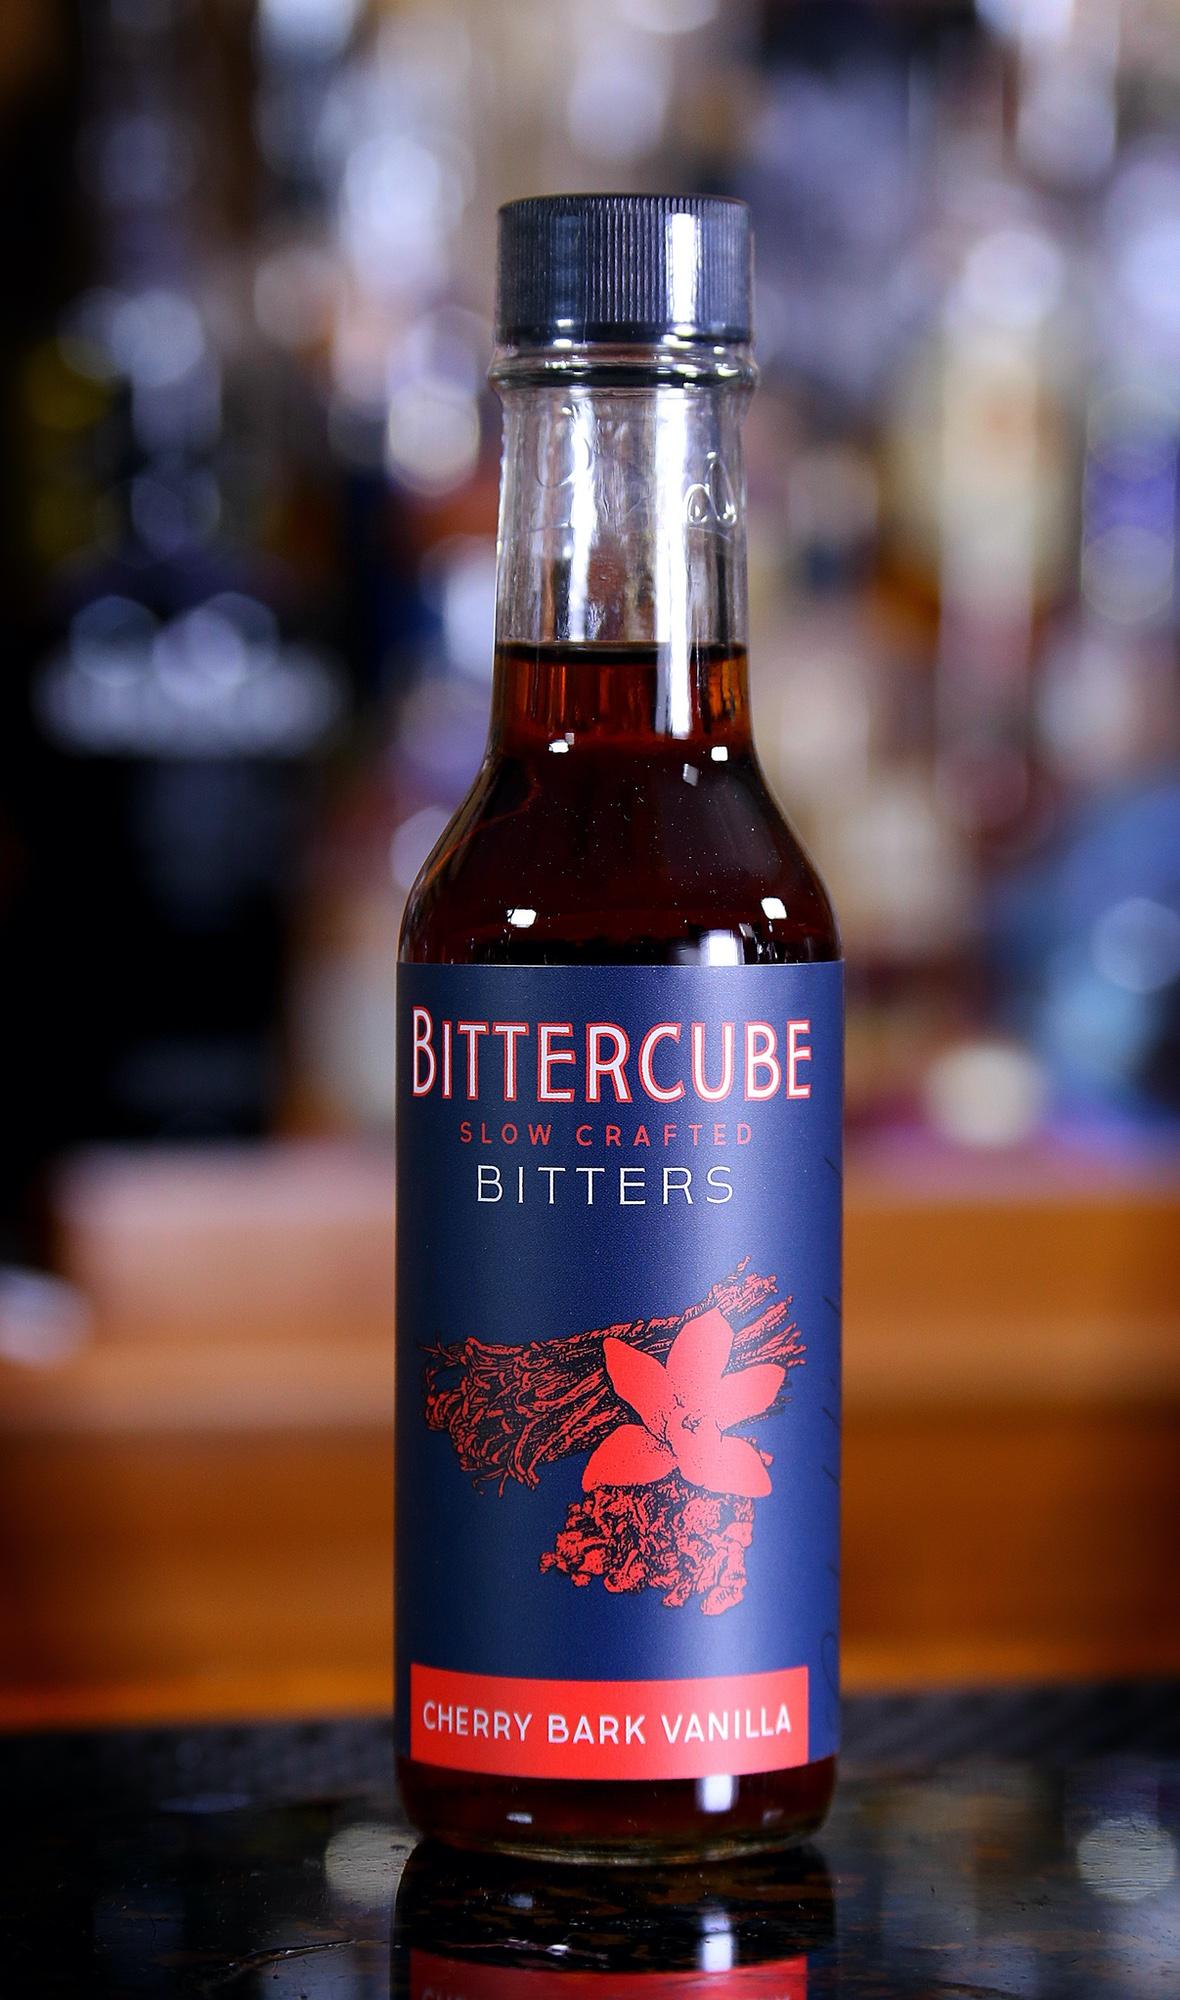 Bittercube Cherry Bark Vanilla Bitters